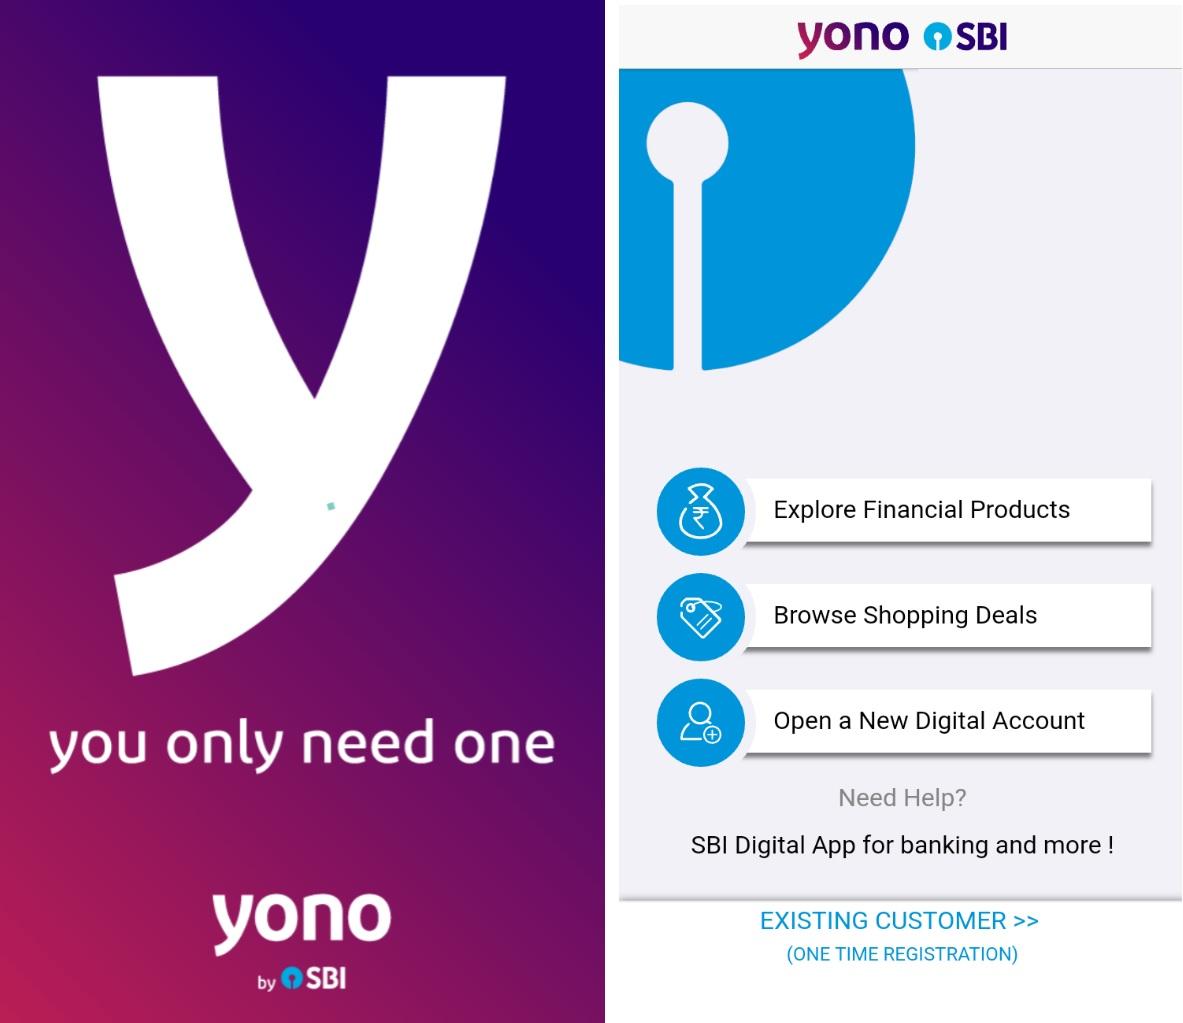 sbi yono